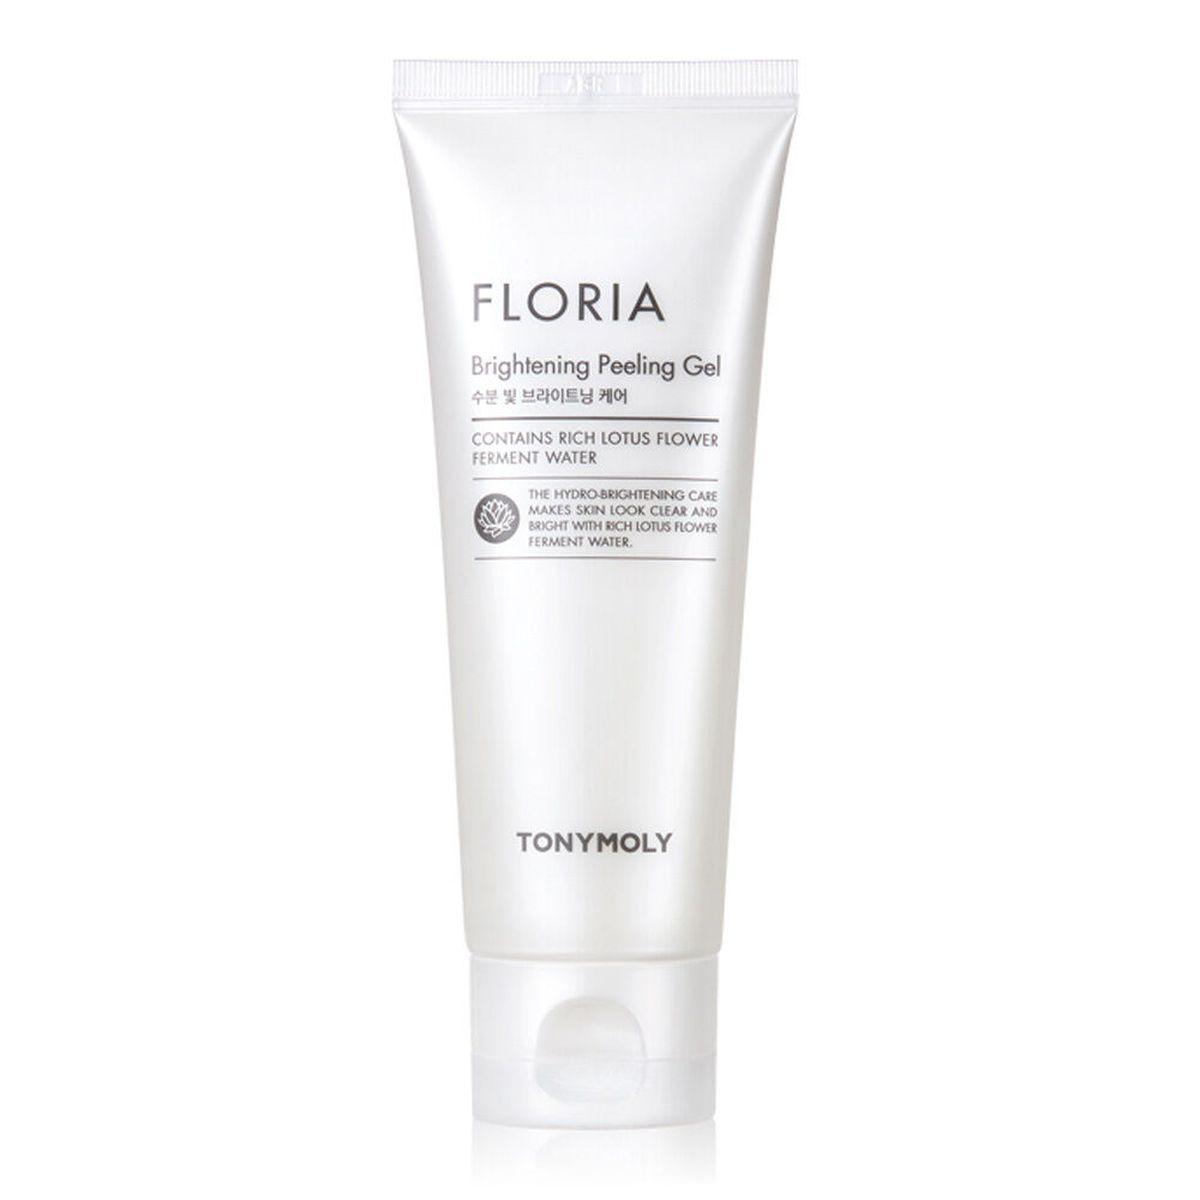 Пилинг-скатка для лица Tony Moly Floria Brightening Peeling Gel - 100 мл